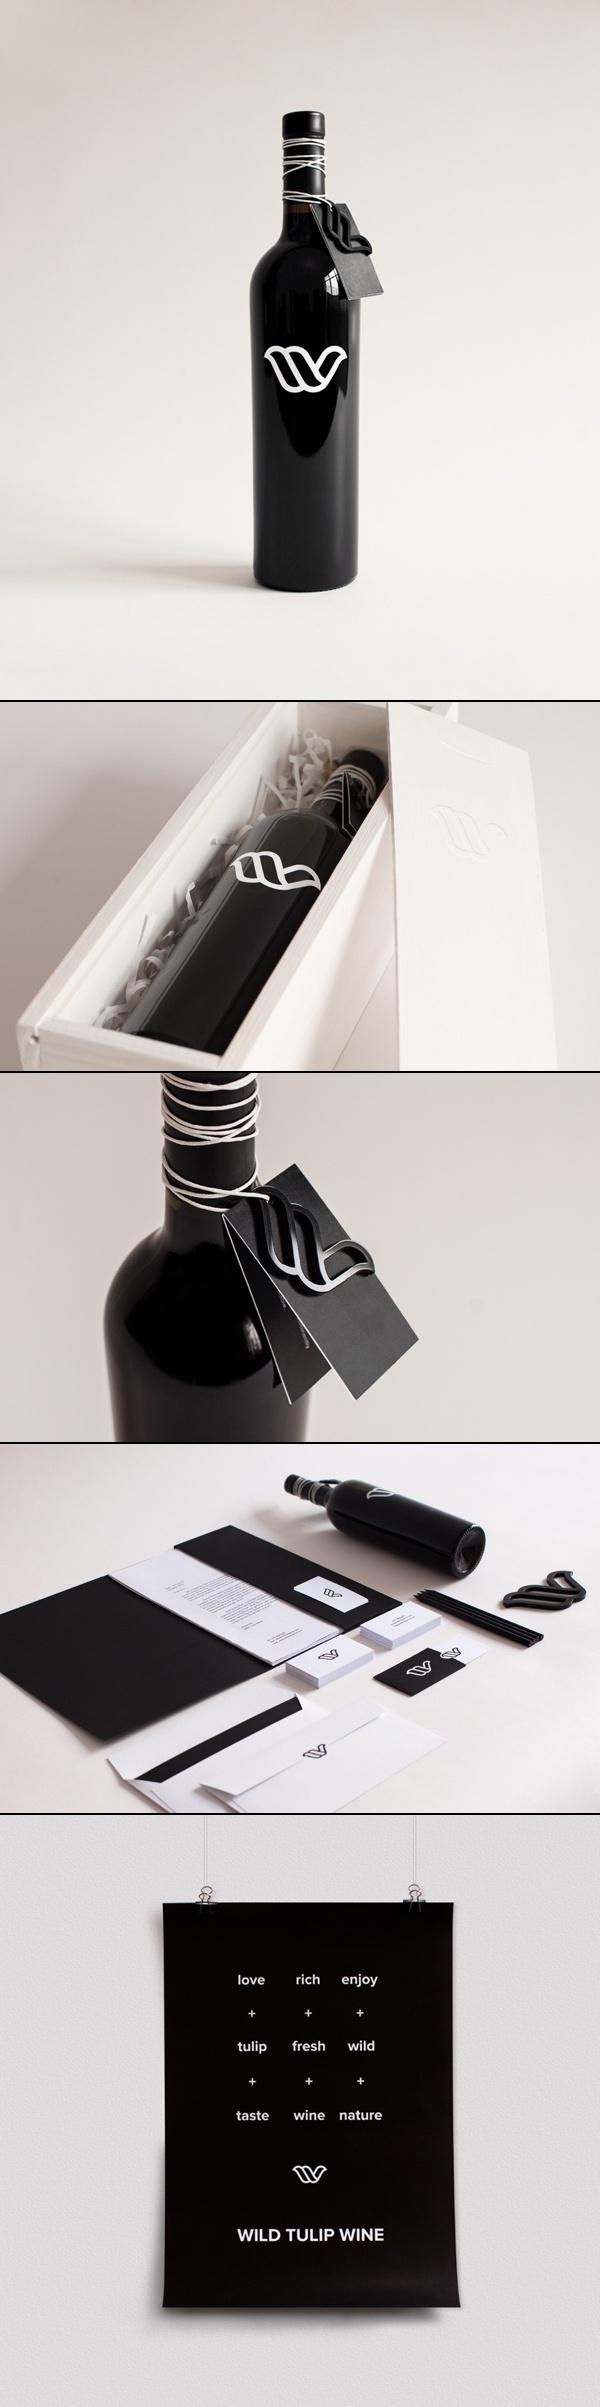 Wild Tulip Wine. Designed by Mindaugas Narbutas & Ingrida Jadevičiūtė / Breezy. Lithuania.